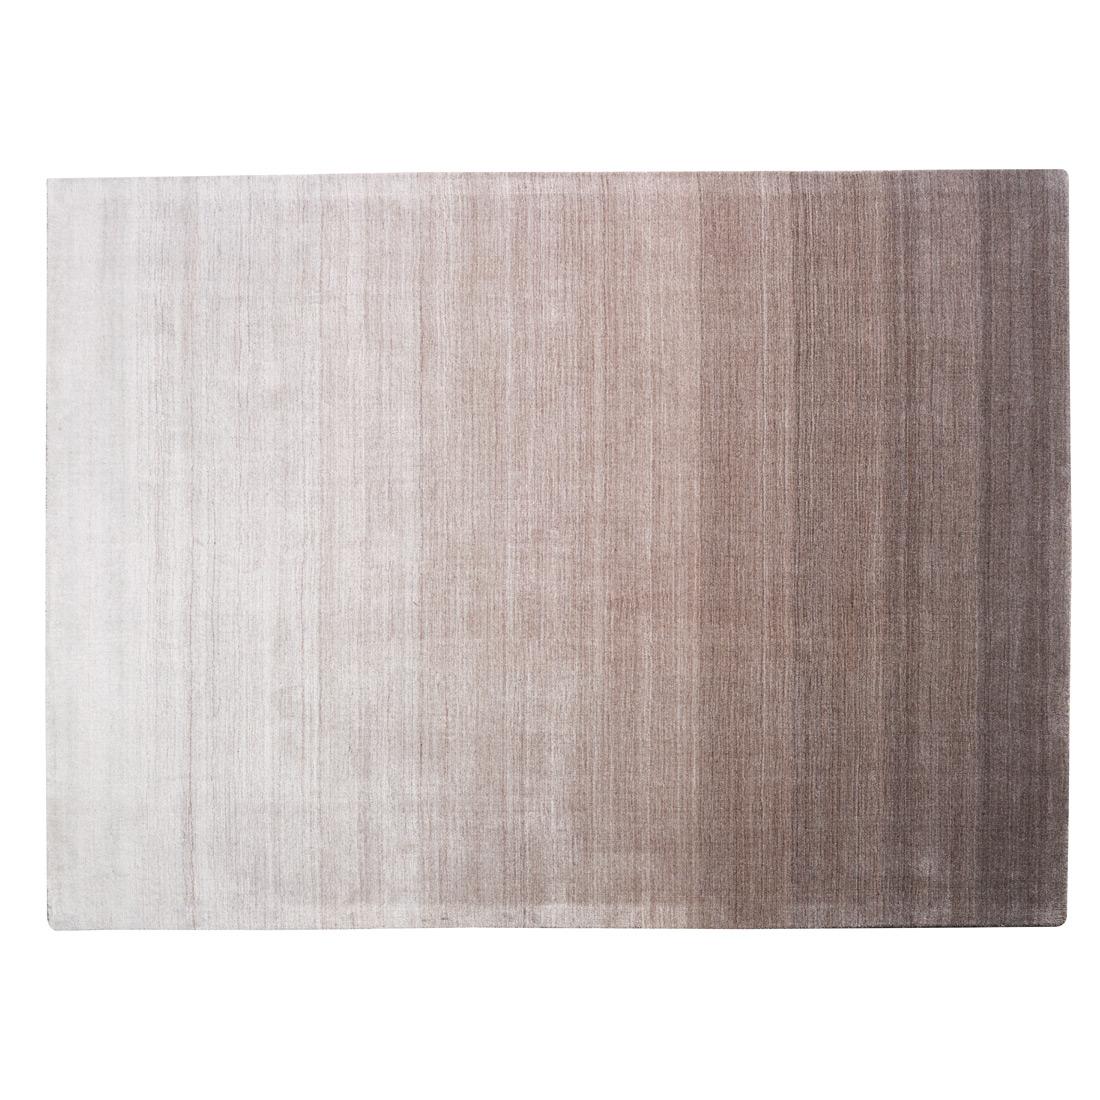 Vloerkleed Xilento Admire Beige | 200 x 300 cm